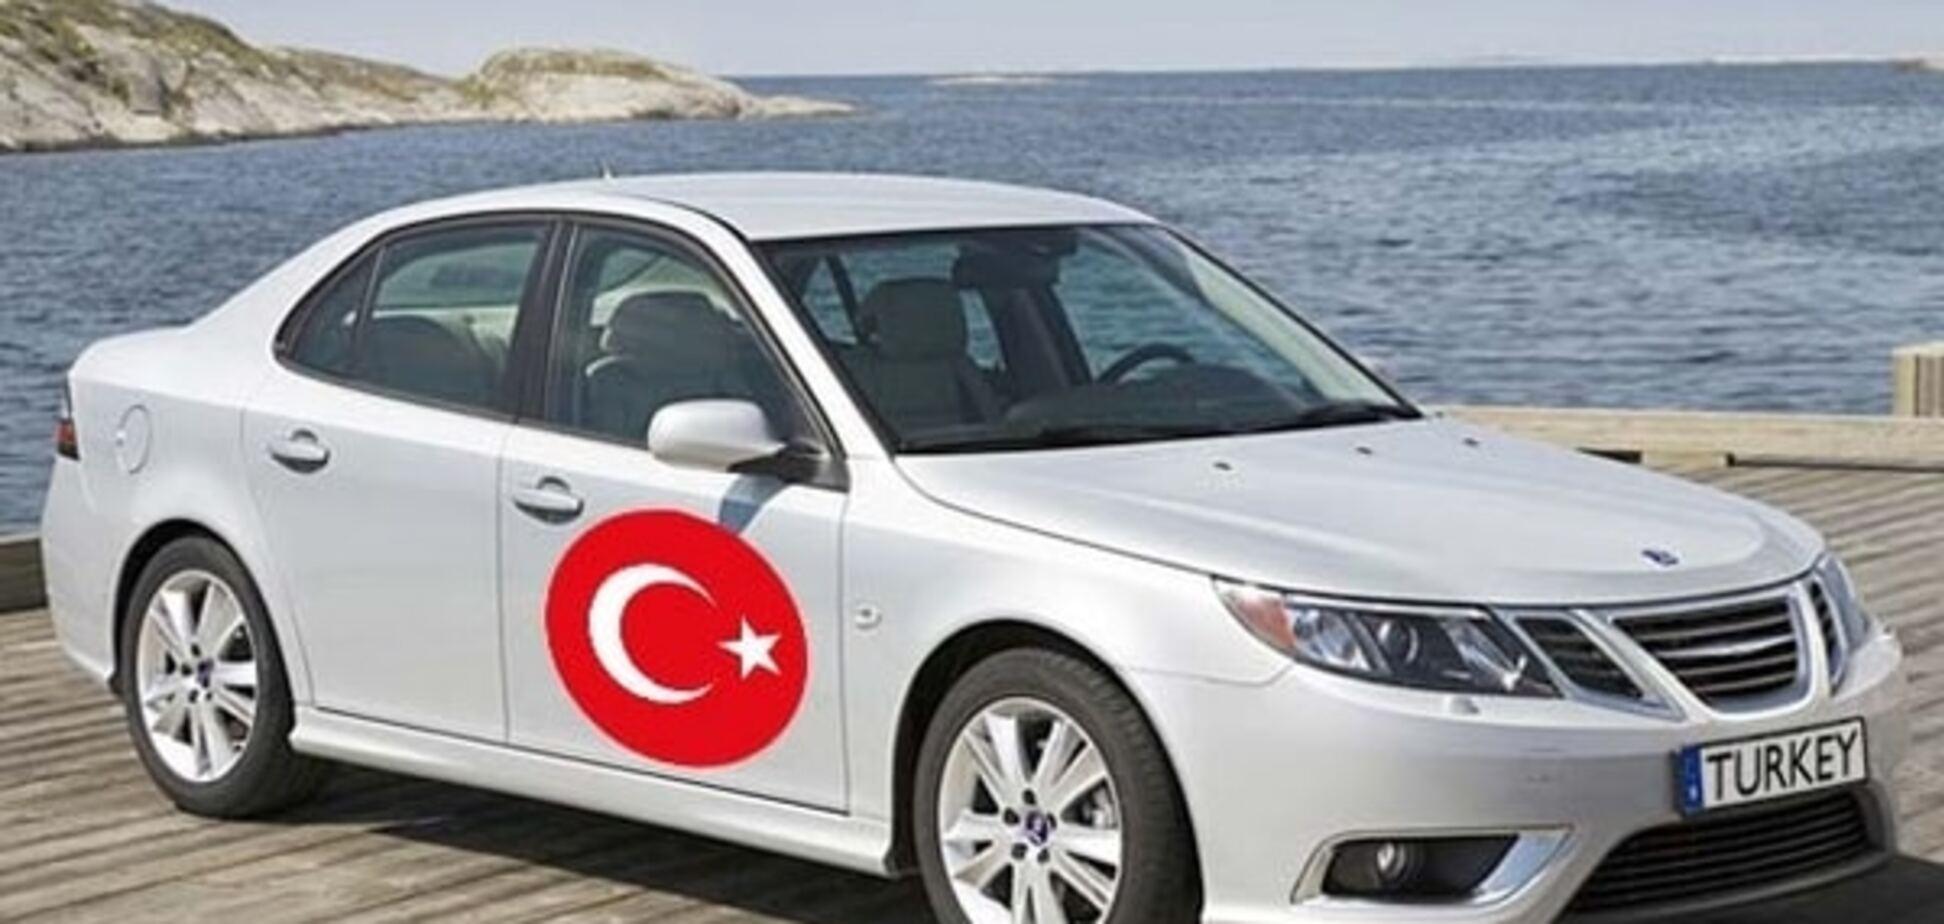 Турция готовит 'национальный автомобиль' на базе устаревшего Saab